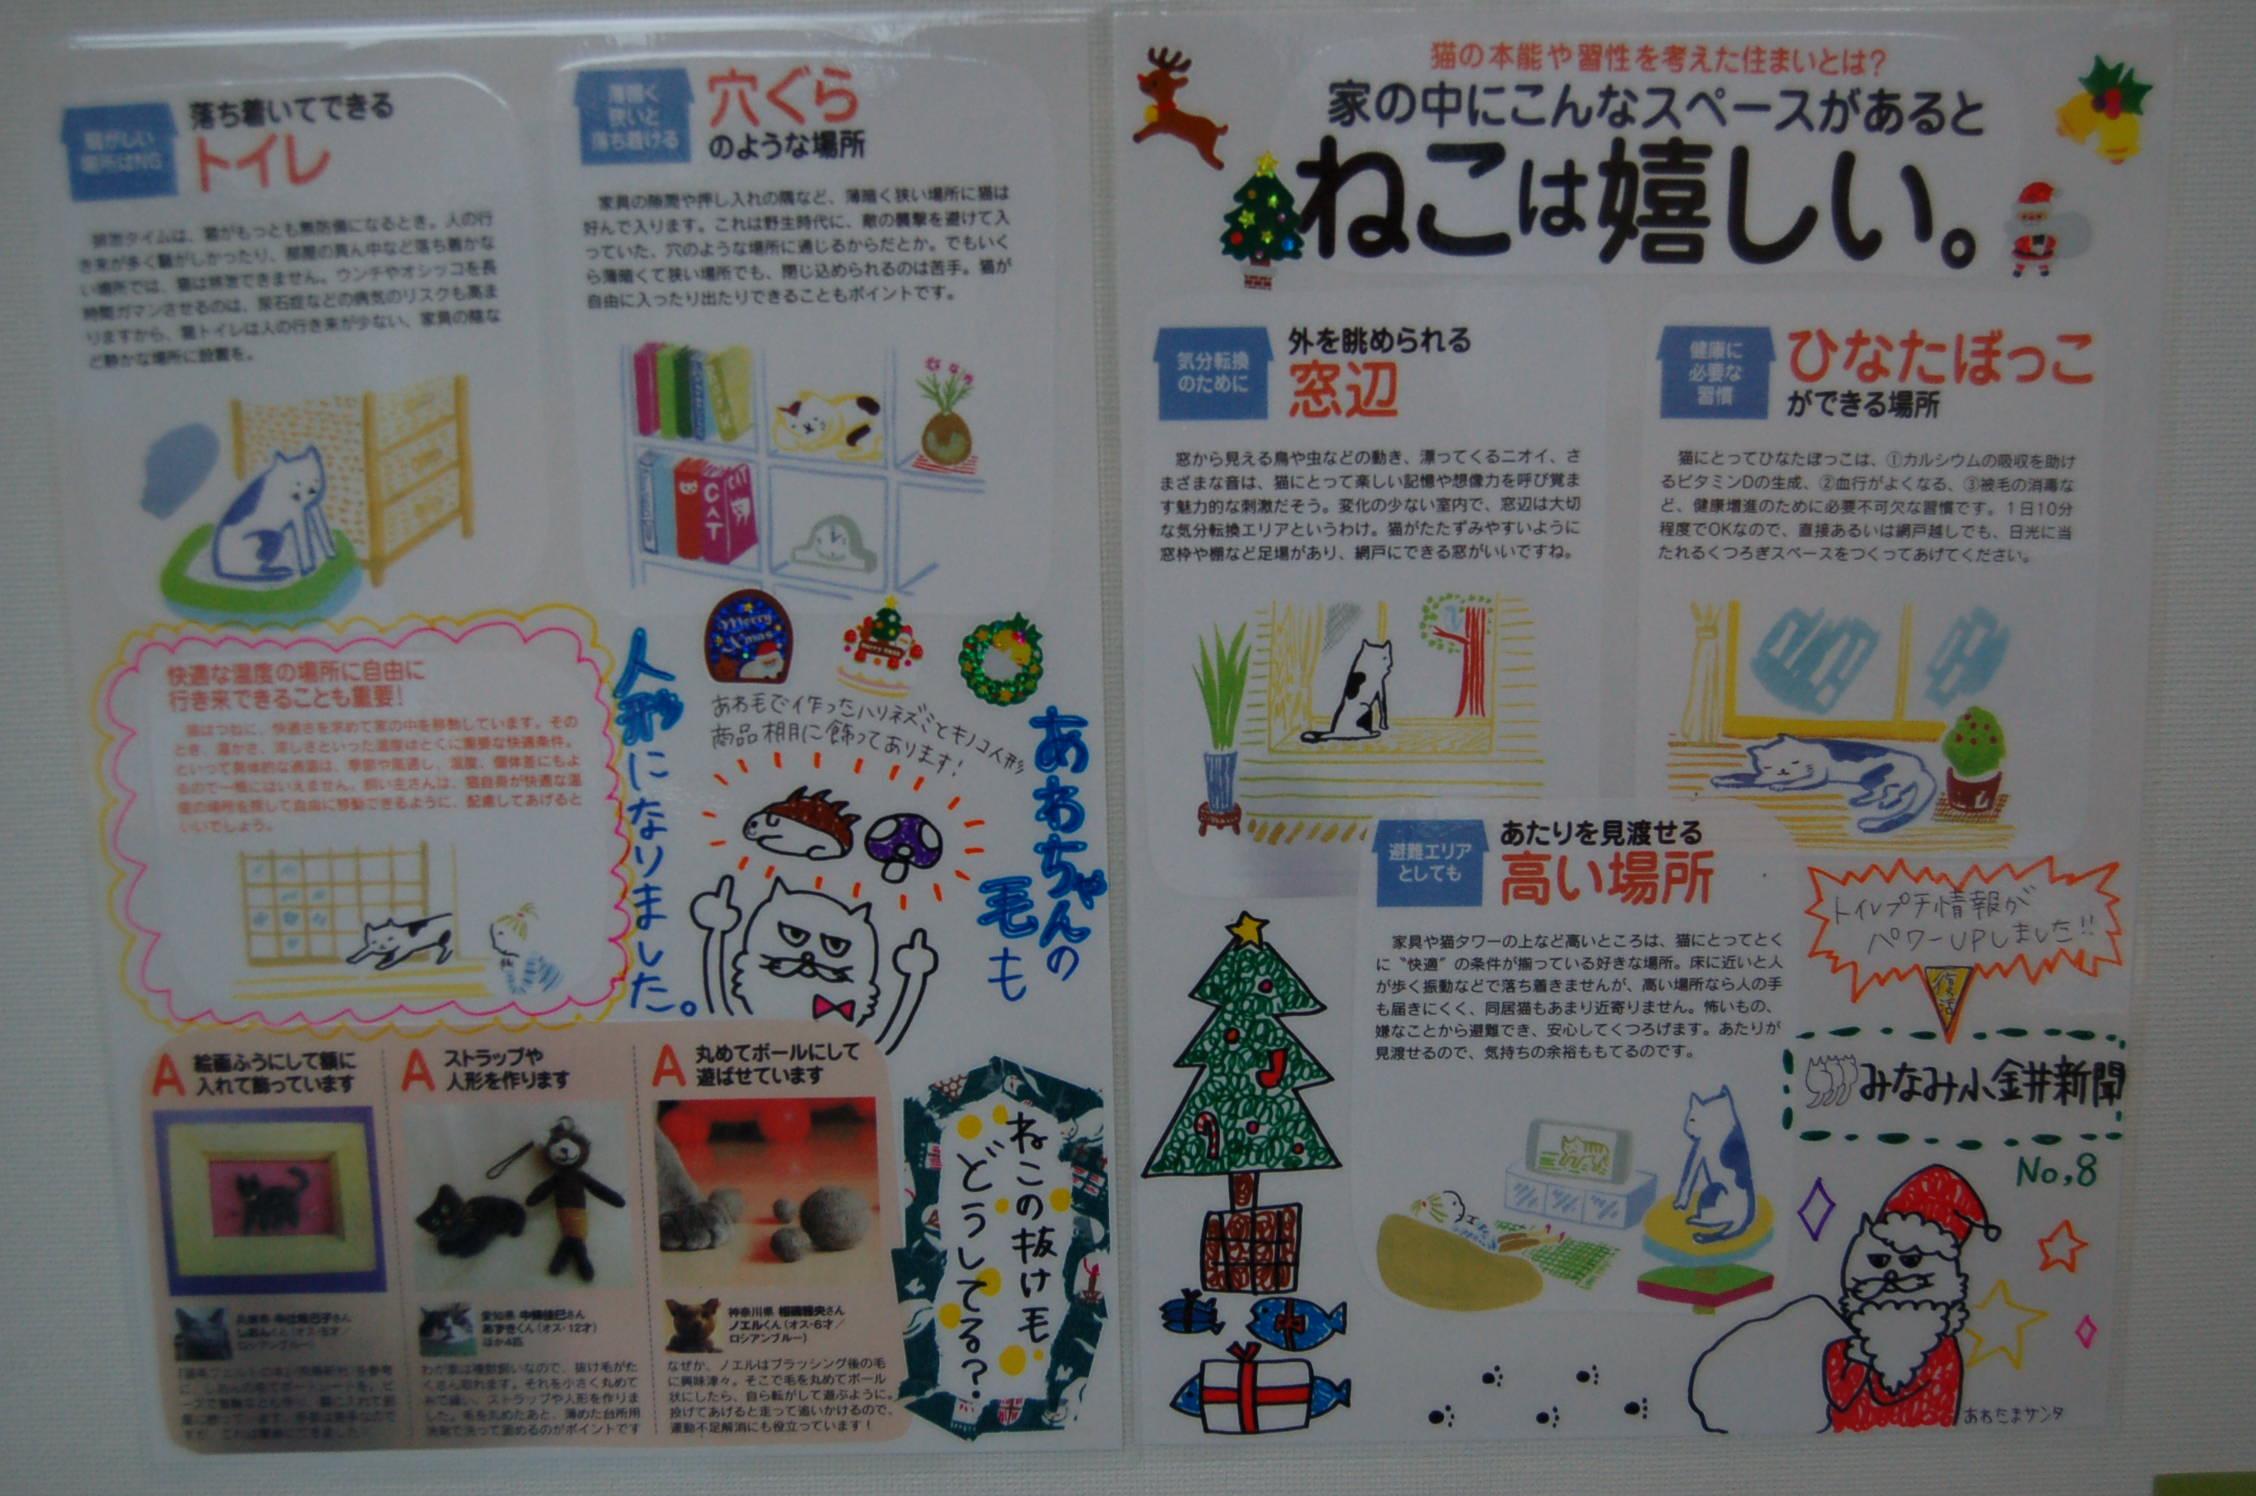 復活 みなみ小金井新聞_a0019819_1521865.jpg